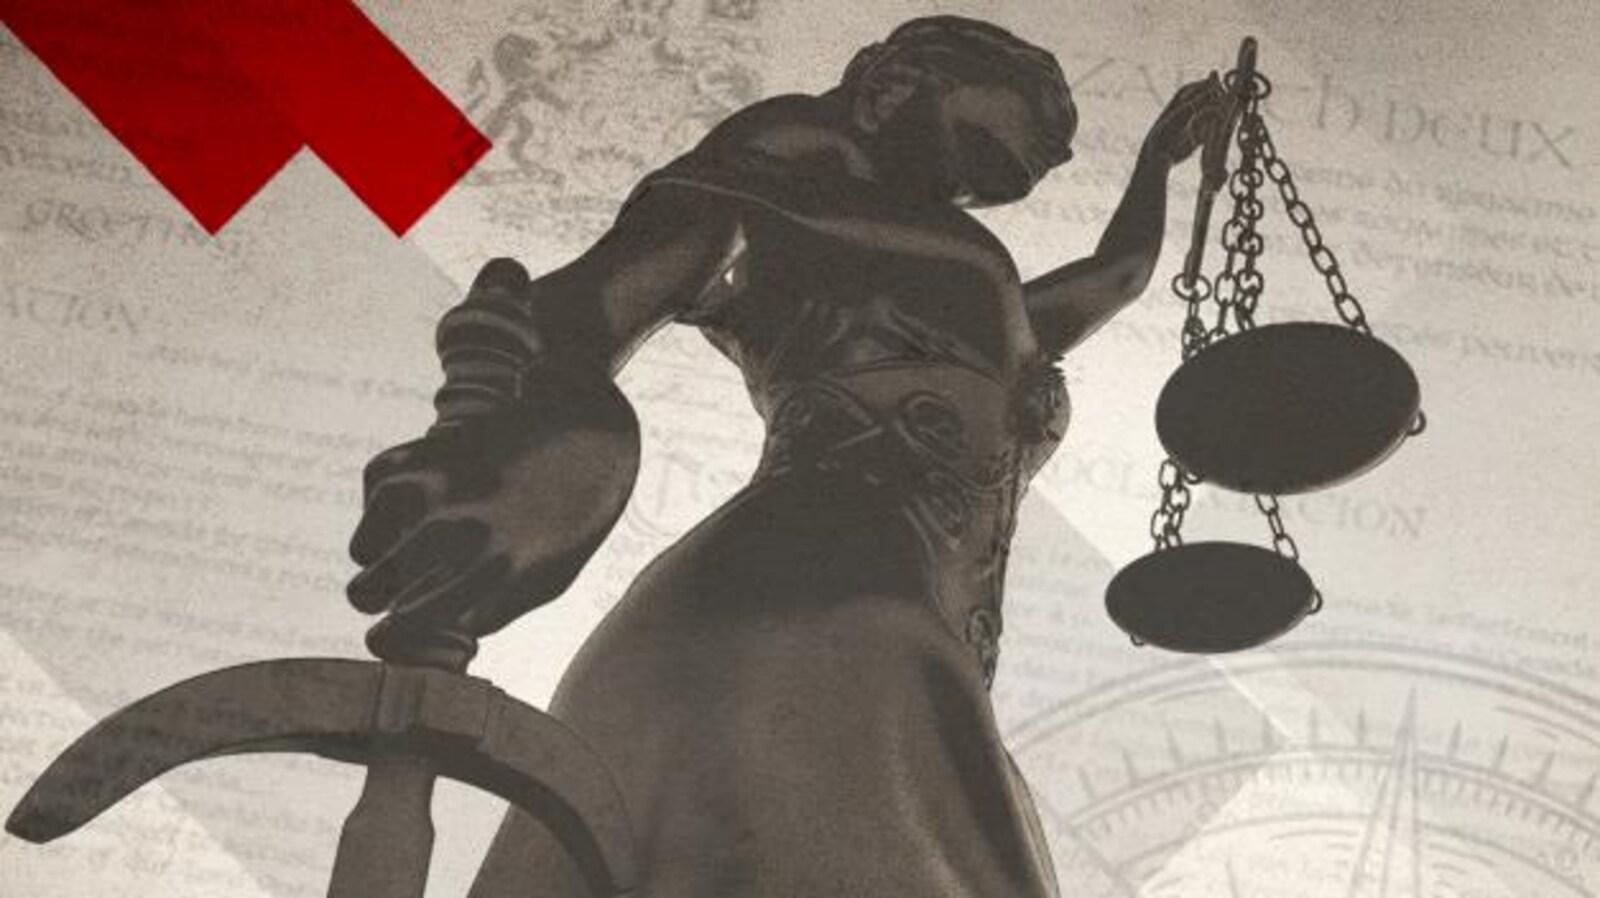 Statue de la personnification de la justice, les yeux bandés et tenant une balance.